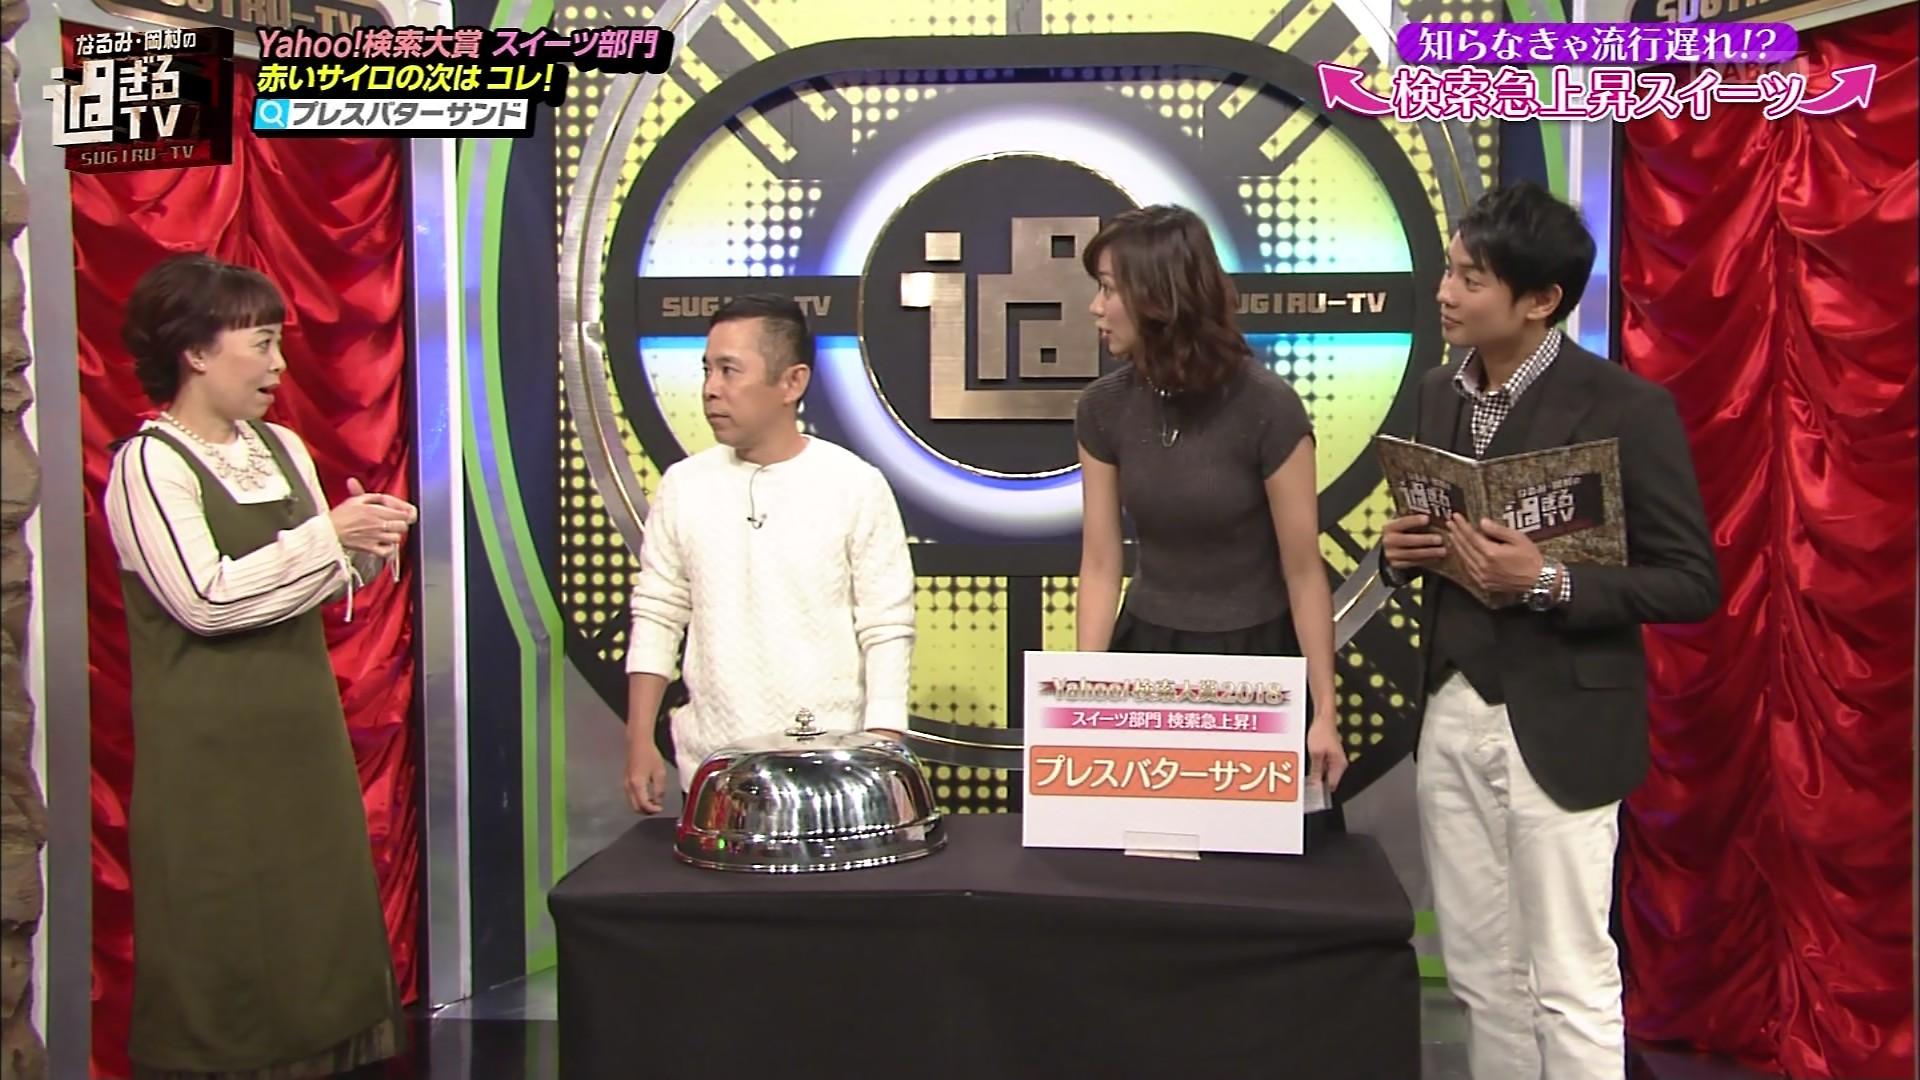 2019年1月6日朝日放送「なるみ・岡村の過ぎるTV」出演・斎藤真美さんのテレビキャプチャー画像-021